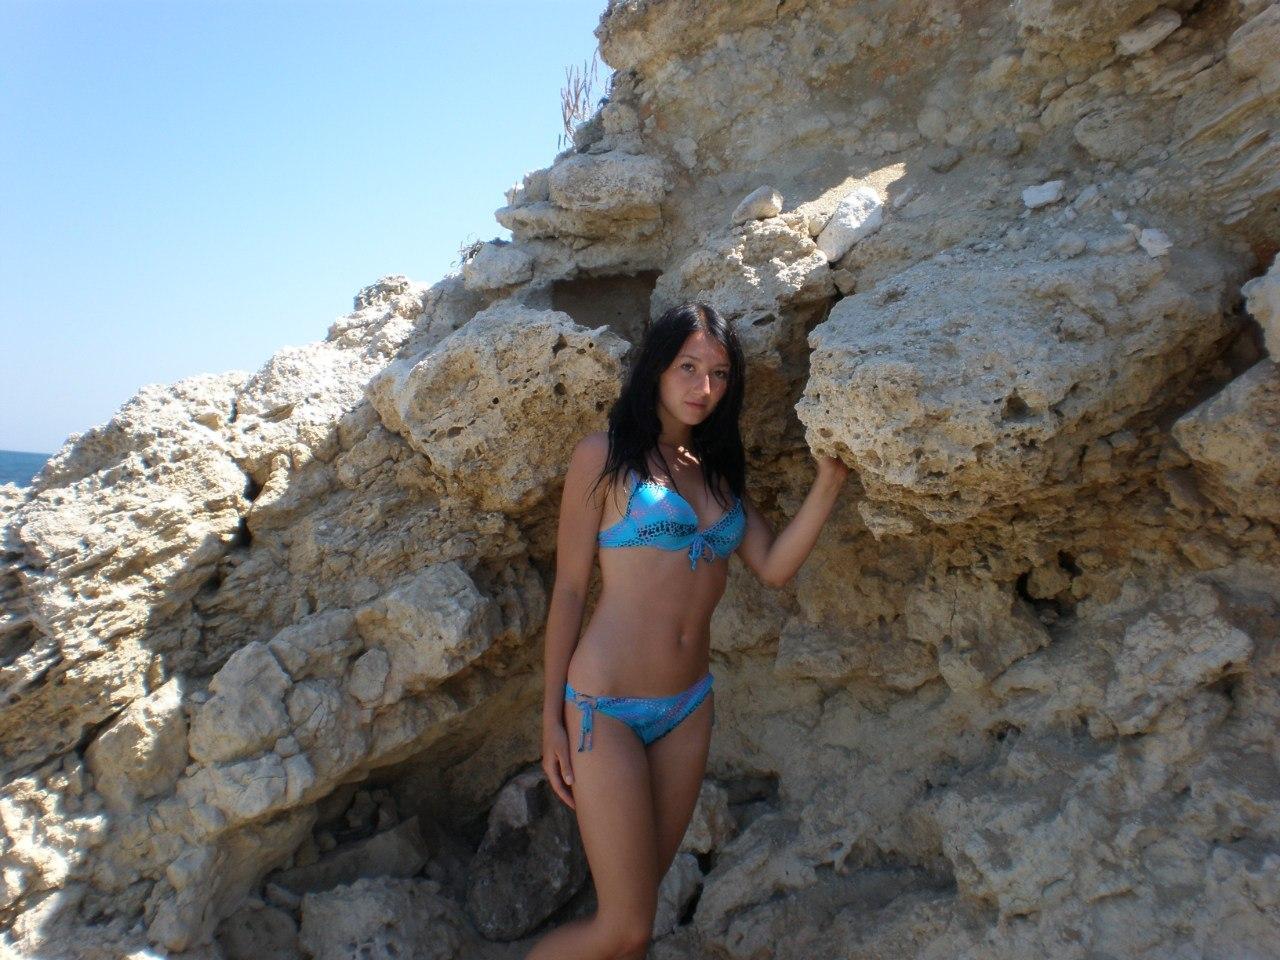 Брюнетка с красивой фигурой в бирюзовом купальнике